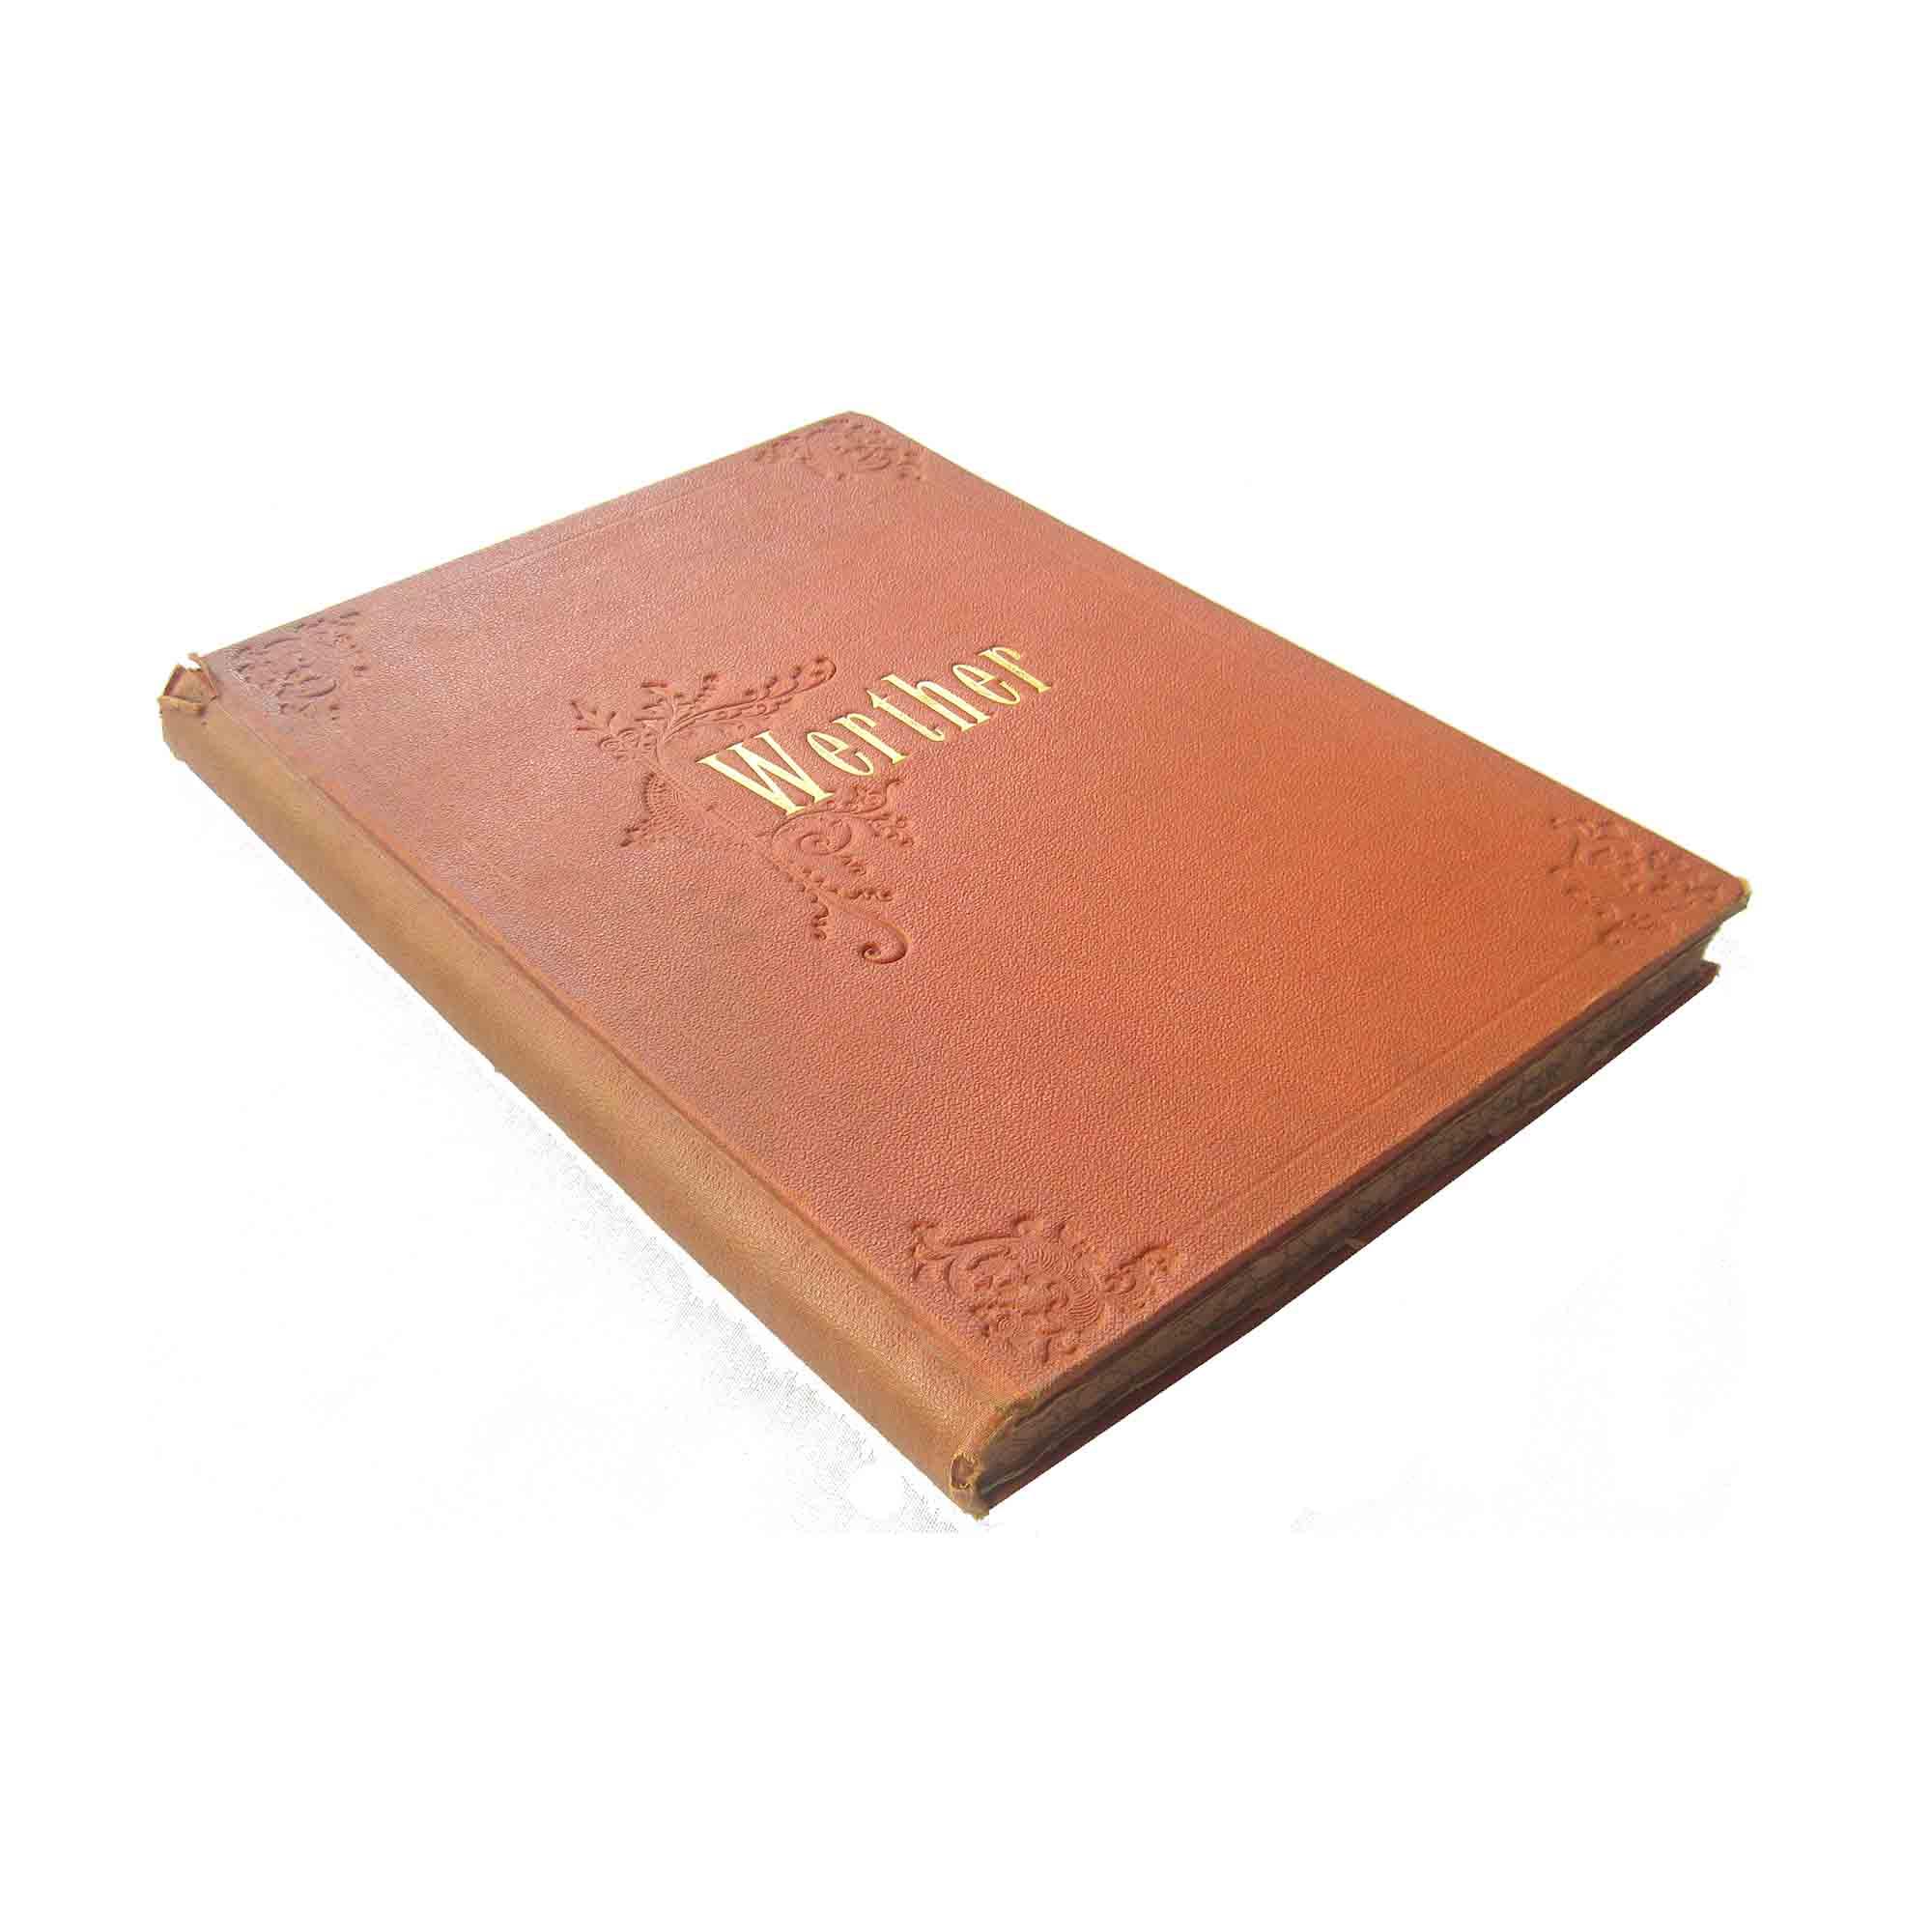 5463-Massenet-Goethe-Werther-Deutsch-1892-Einband-frei-N.jpg